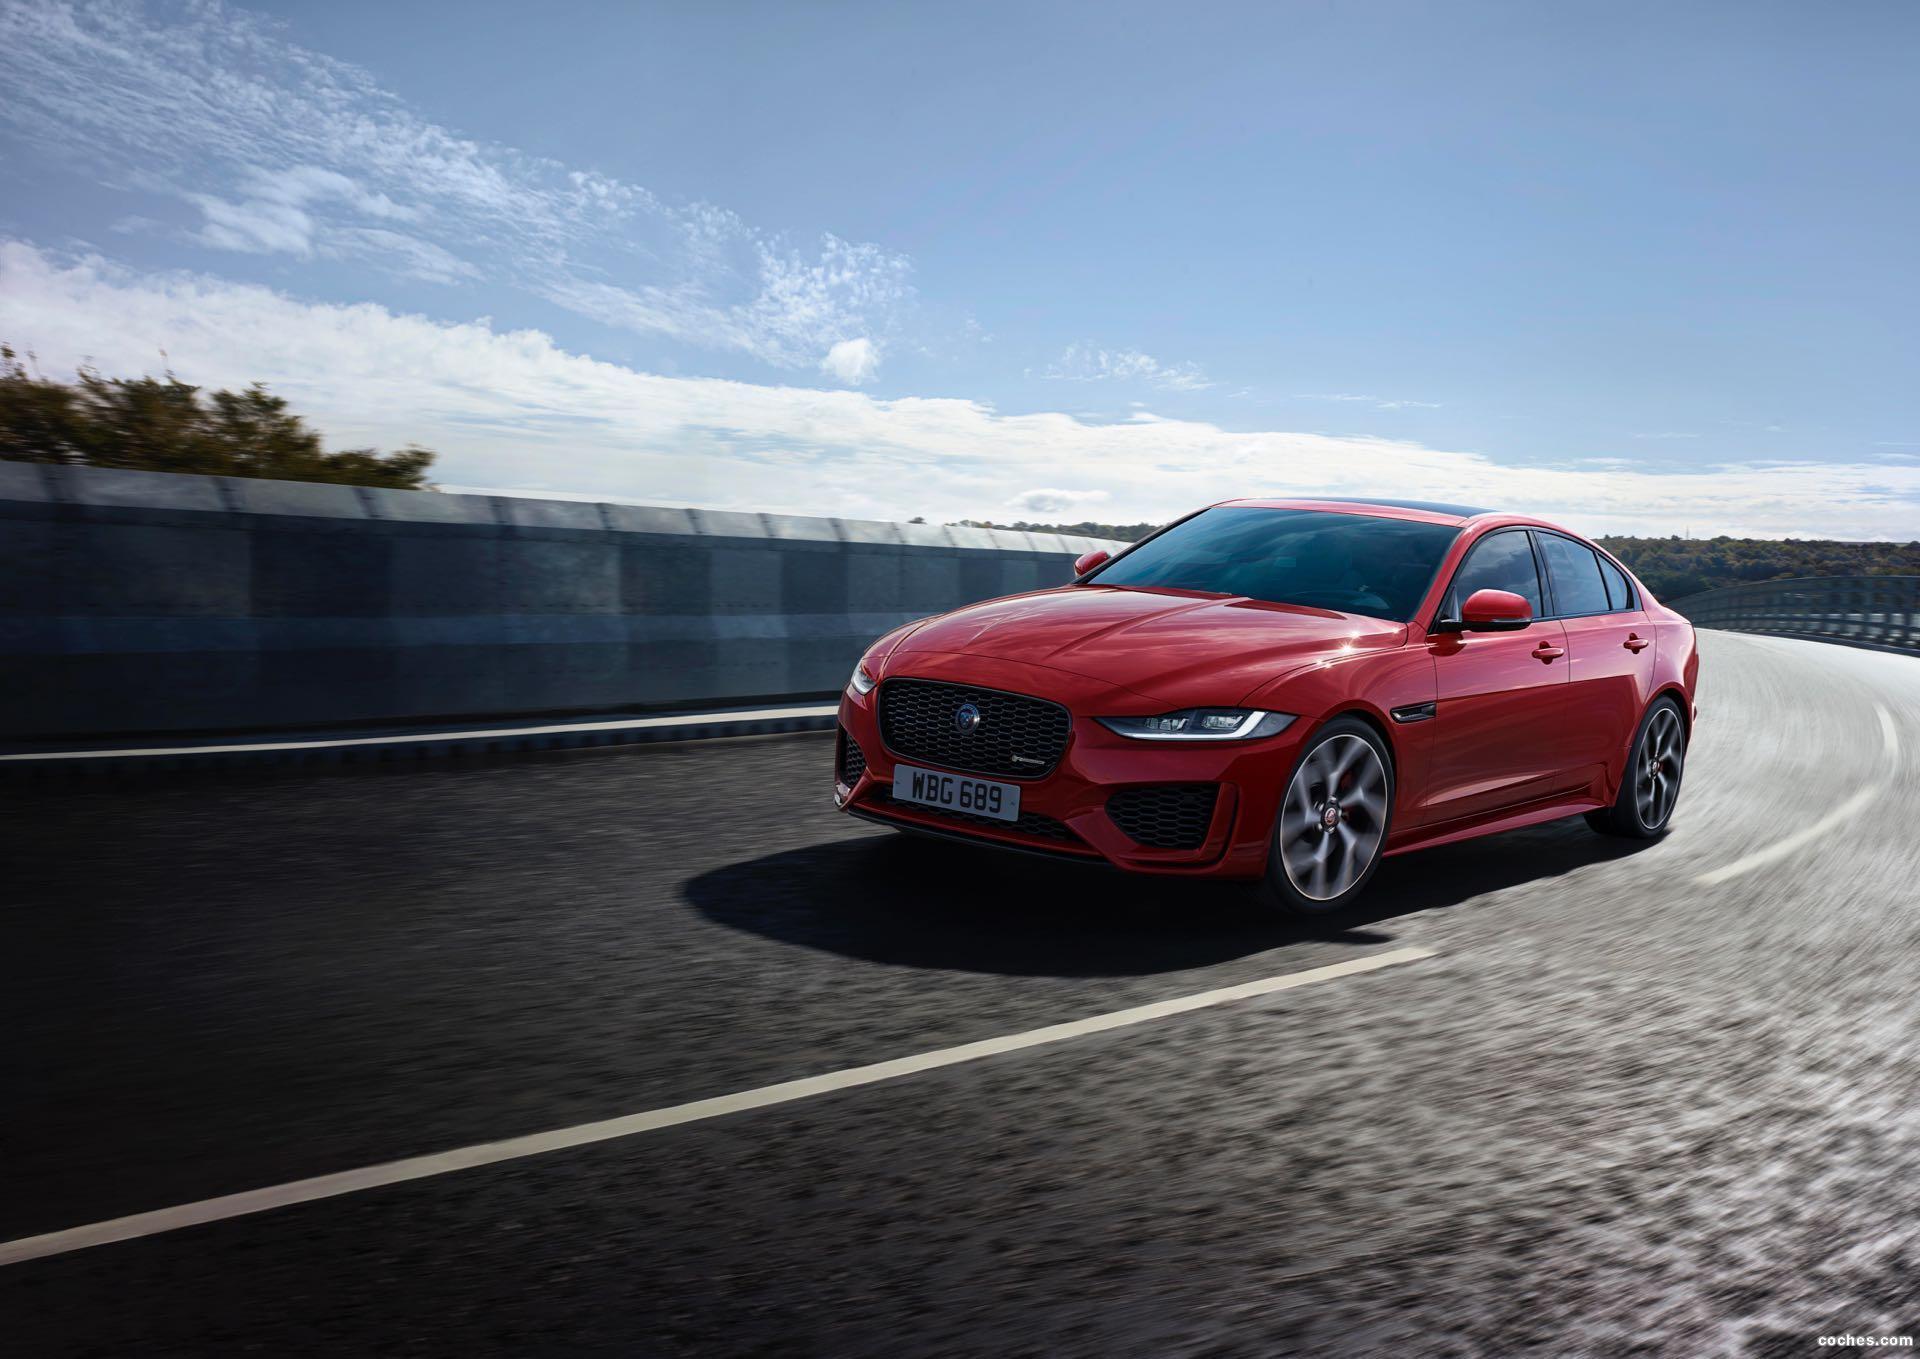 Foto 0 de Jaguar XE R-Dynamic 2019